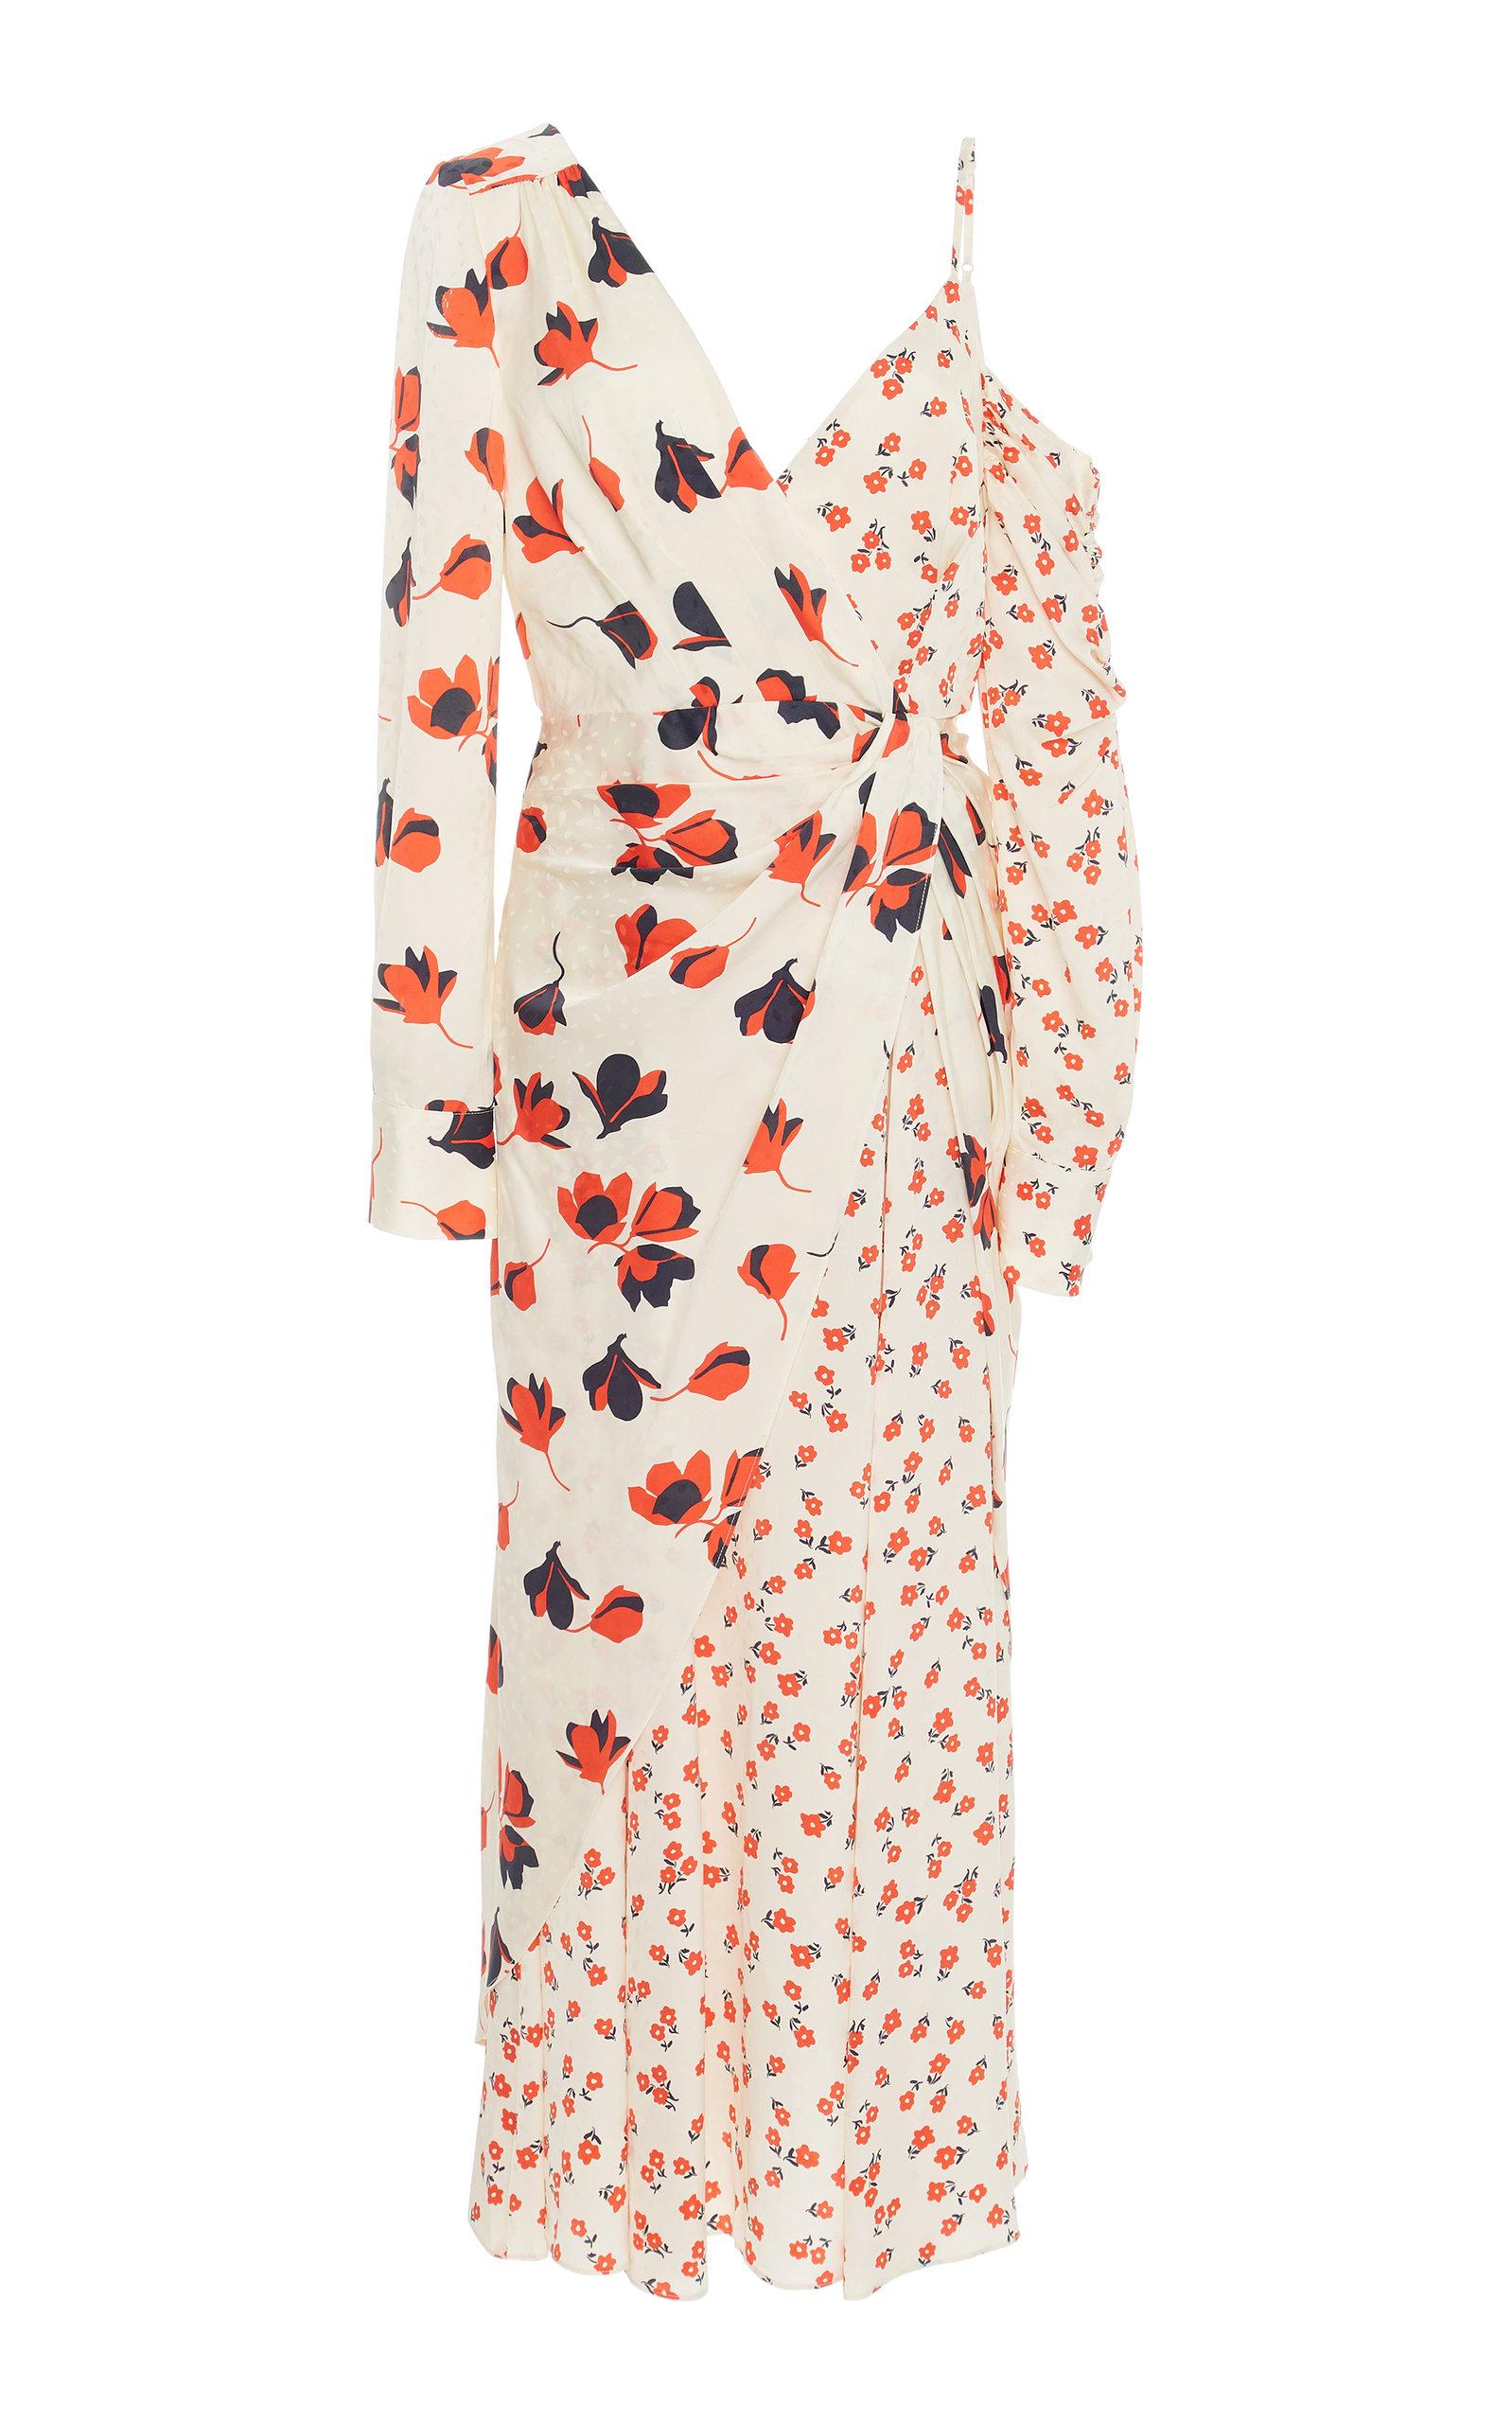 abf4e08bf455 Self PortraitCold-Shoulder Floral-Print Crepe De Chine Dress. CLOSE. Loading